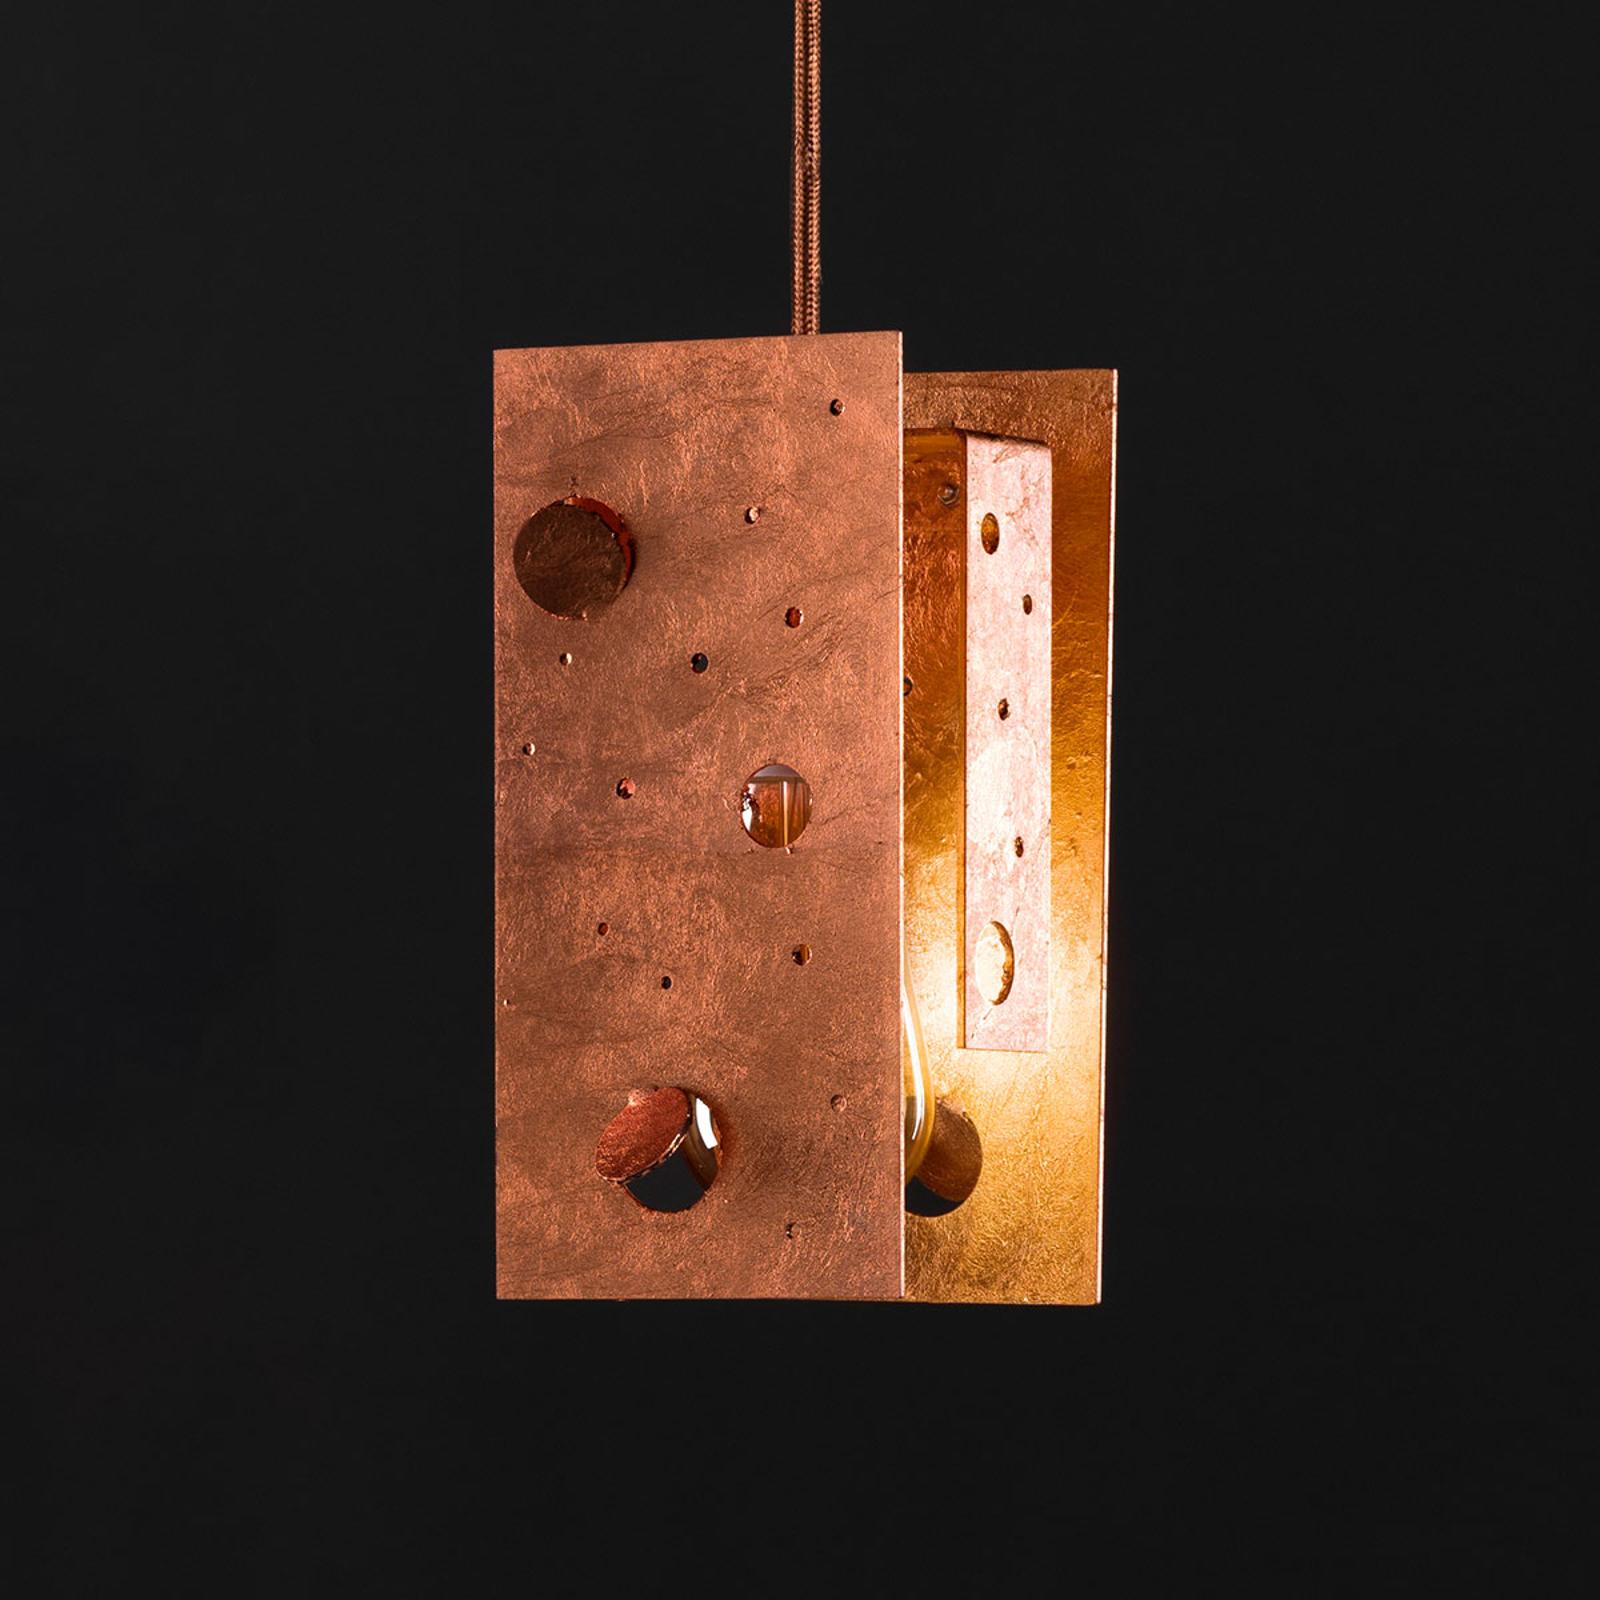 Knikerboker Buchi Hängelampe 19x19x40cm kupfer